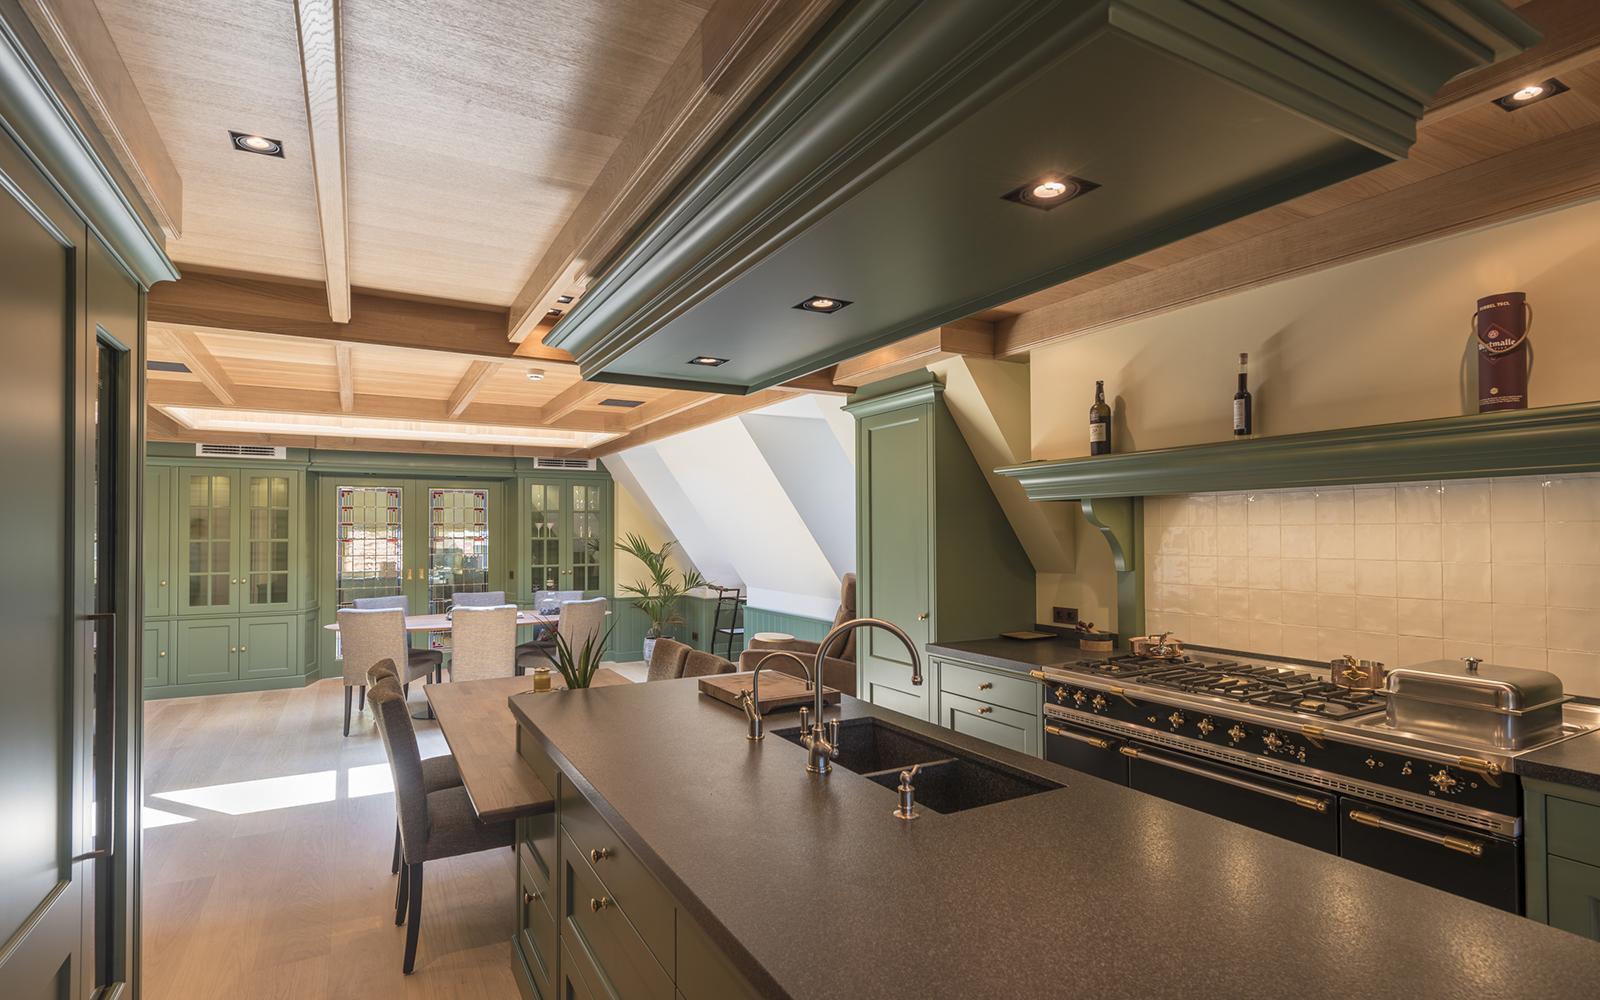 Klassieke keuken van essen keukens the art of living nl